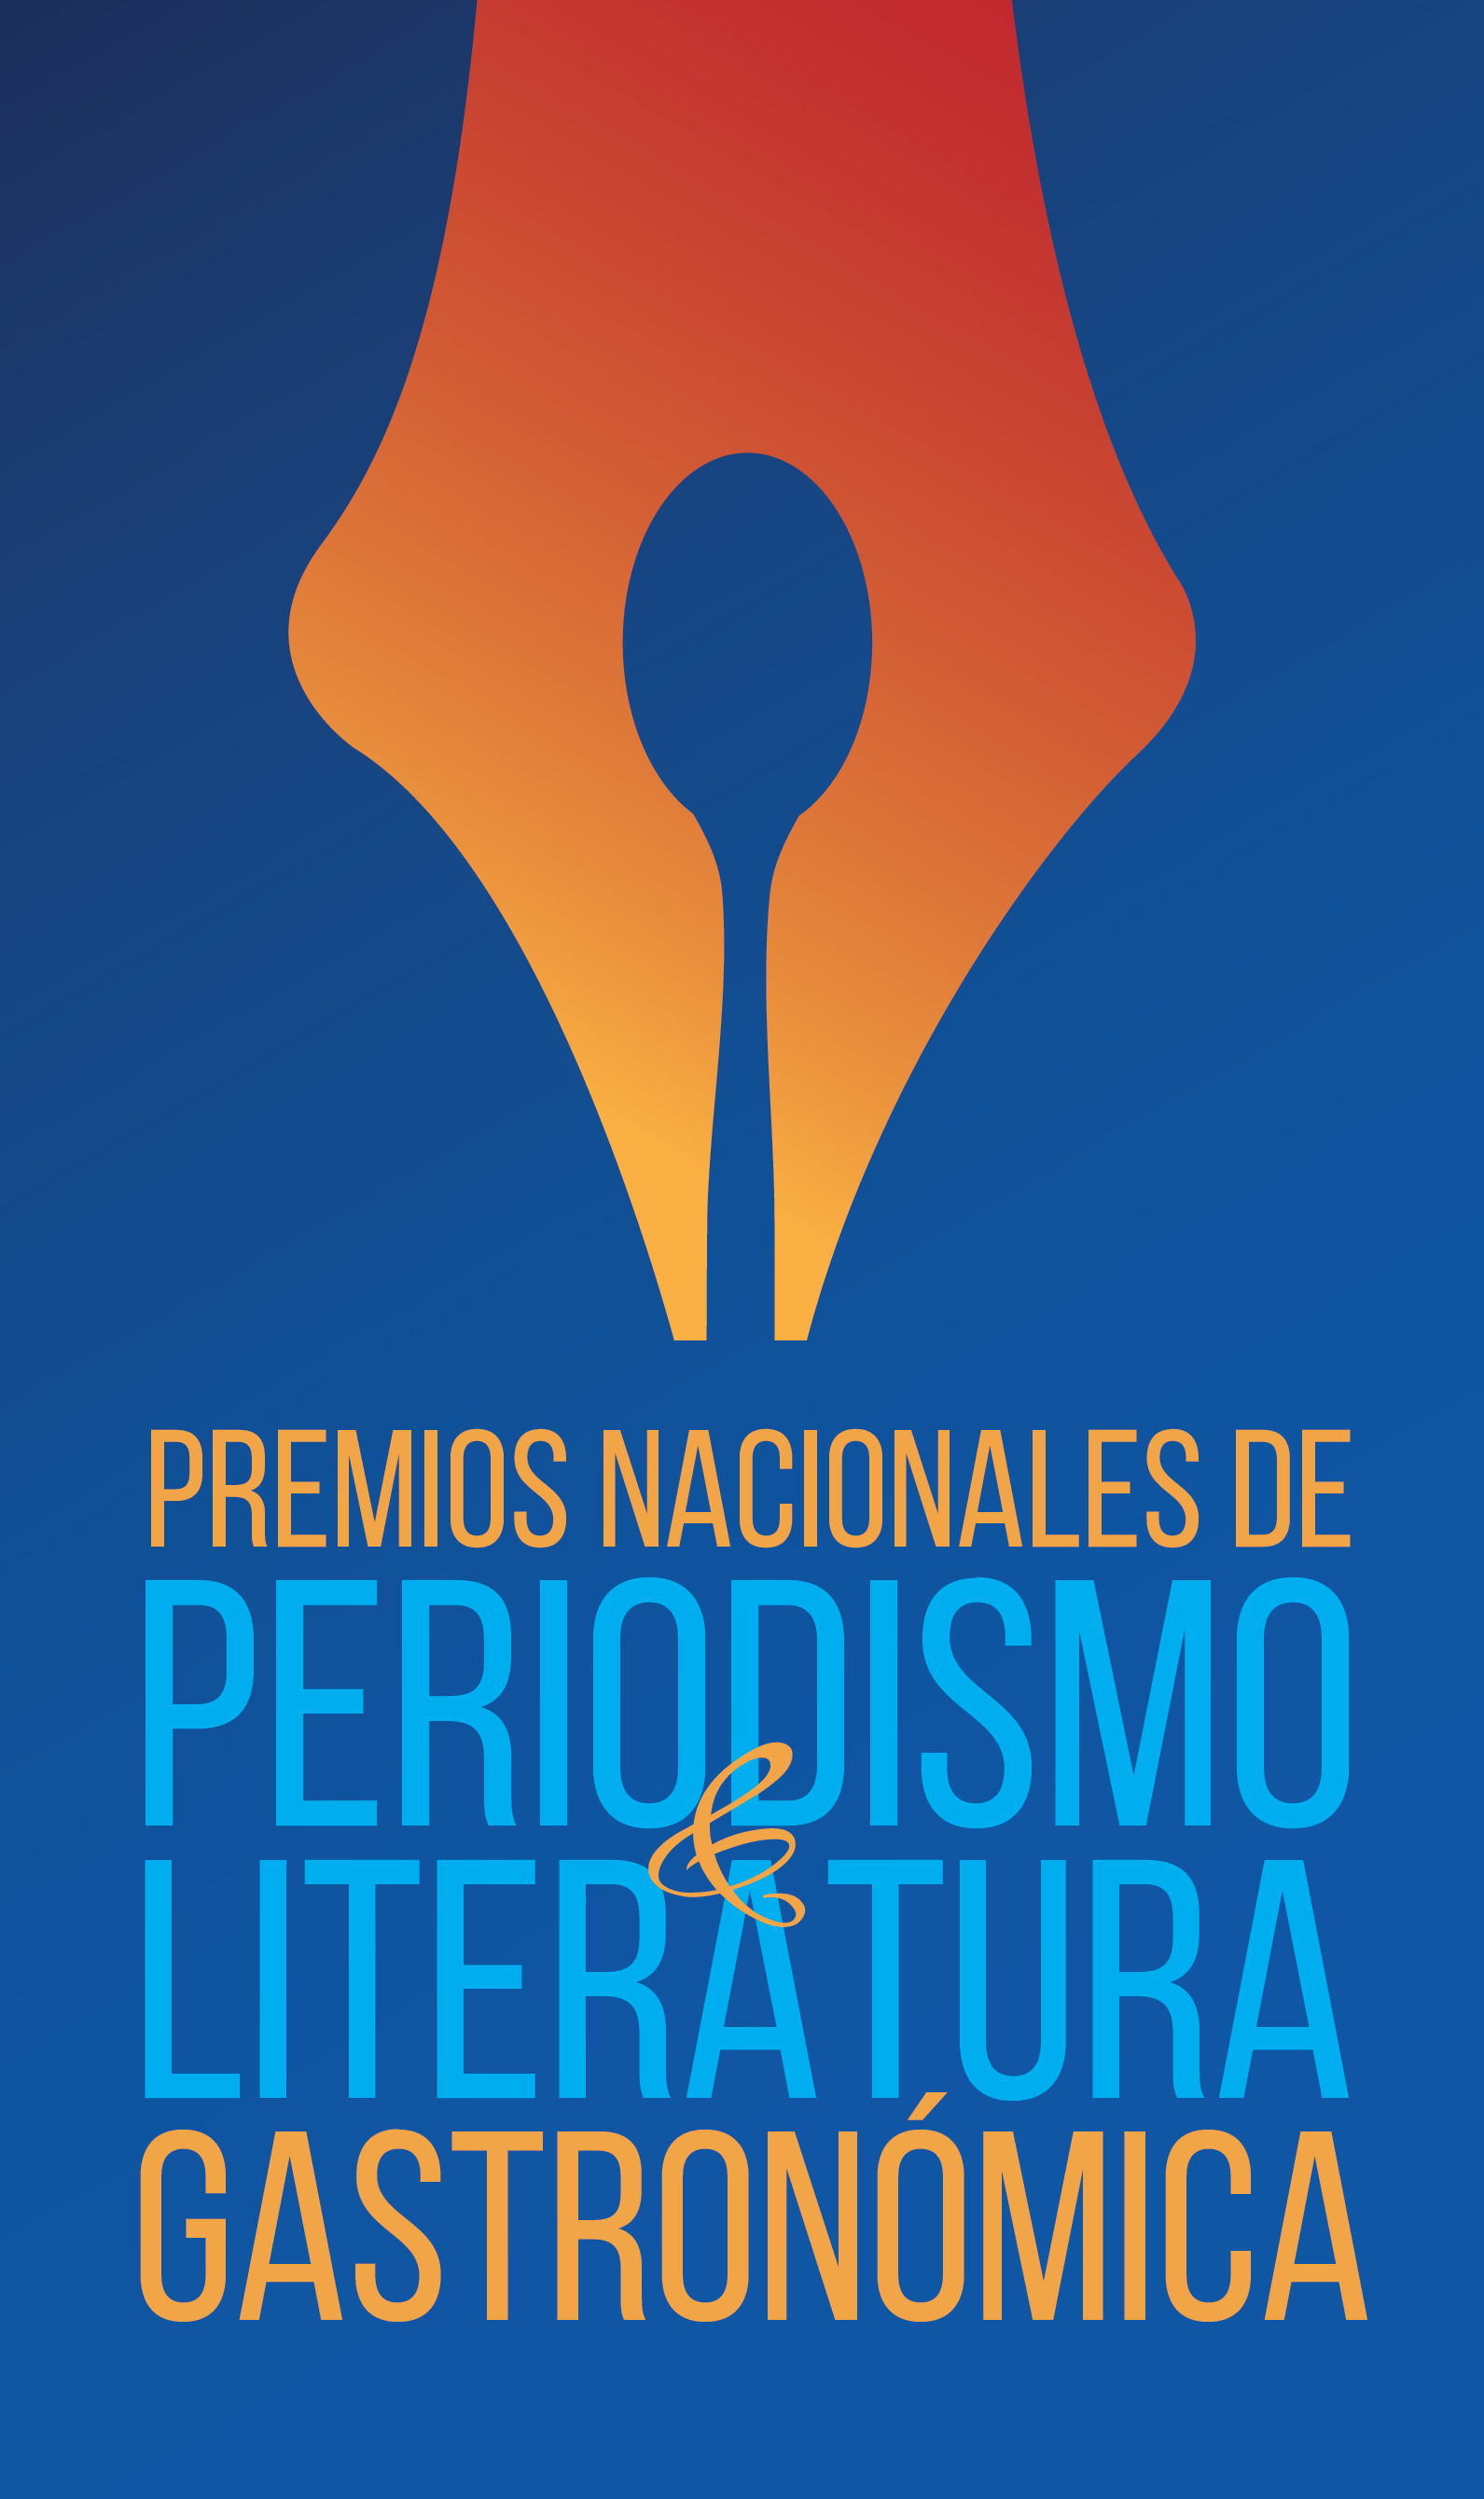 logo-premios-gastronomicos